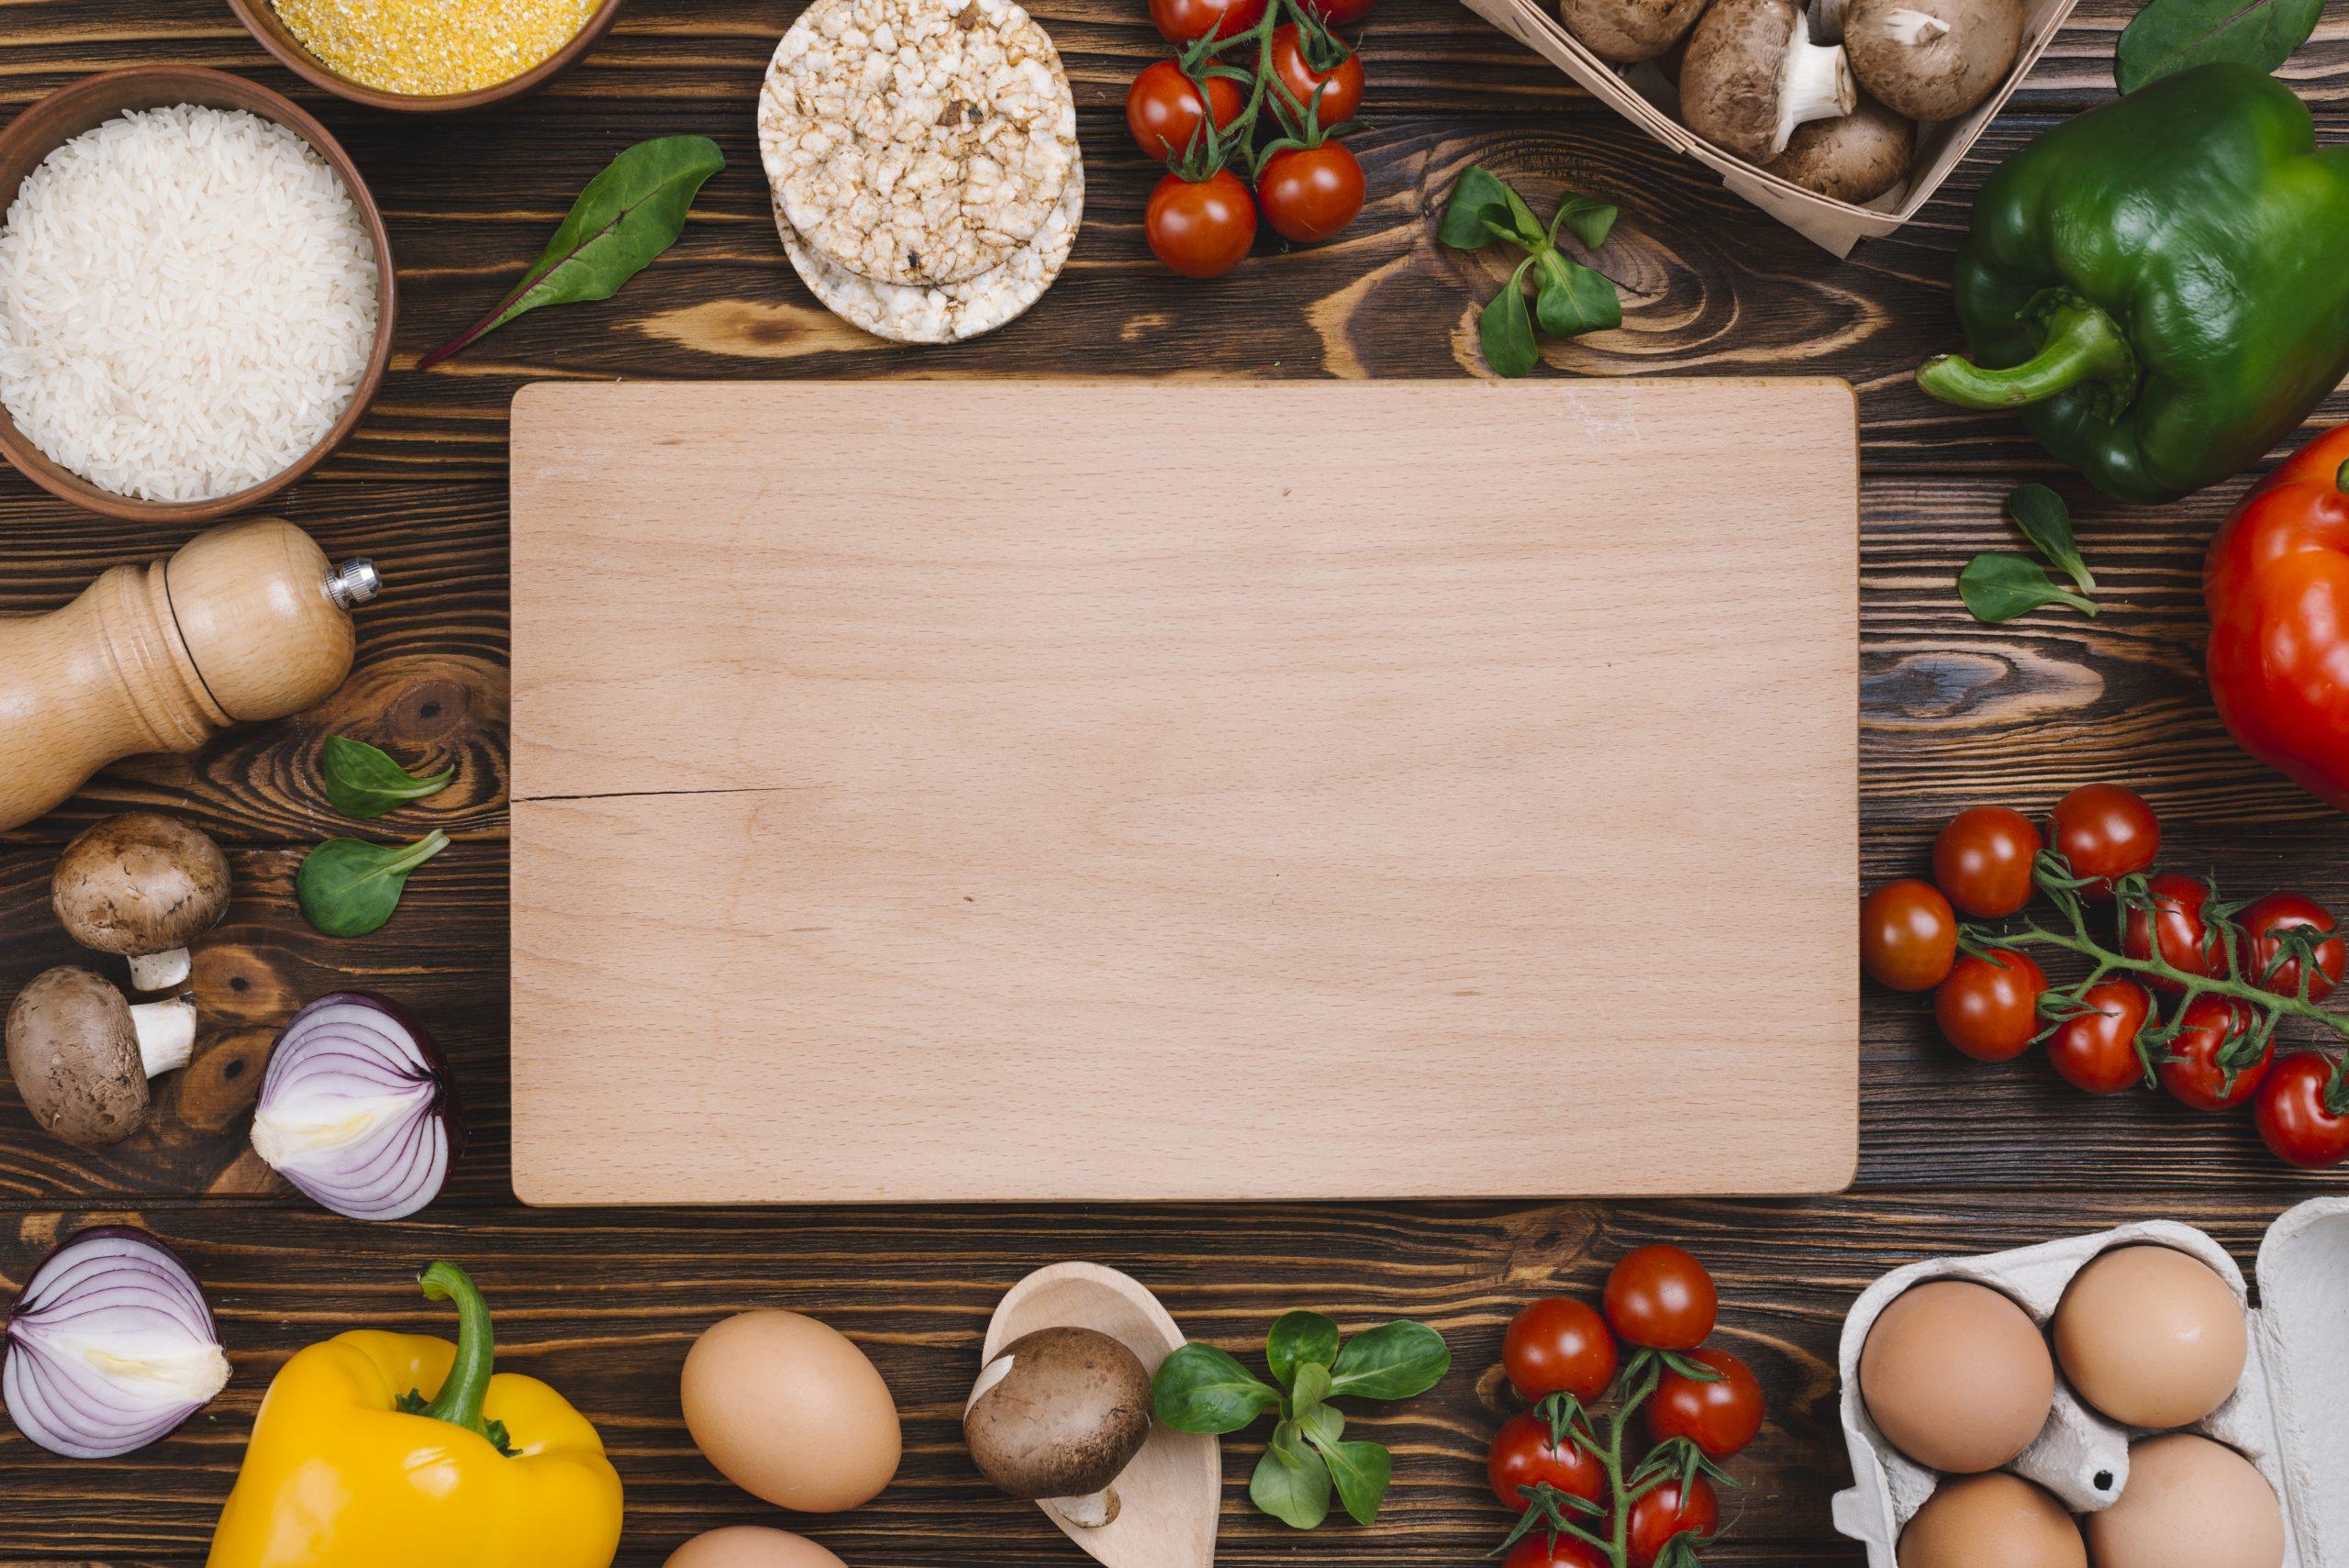 Negócio Marmita Fit: conheça os benefícios da alimentação caseira